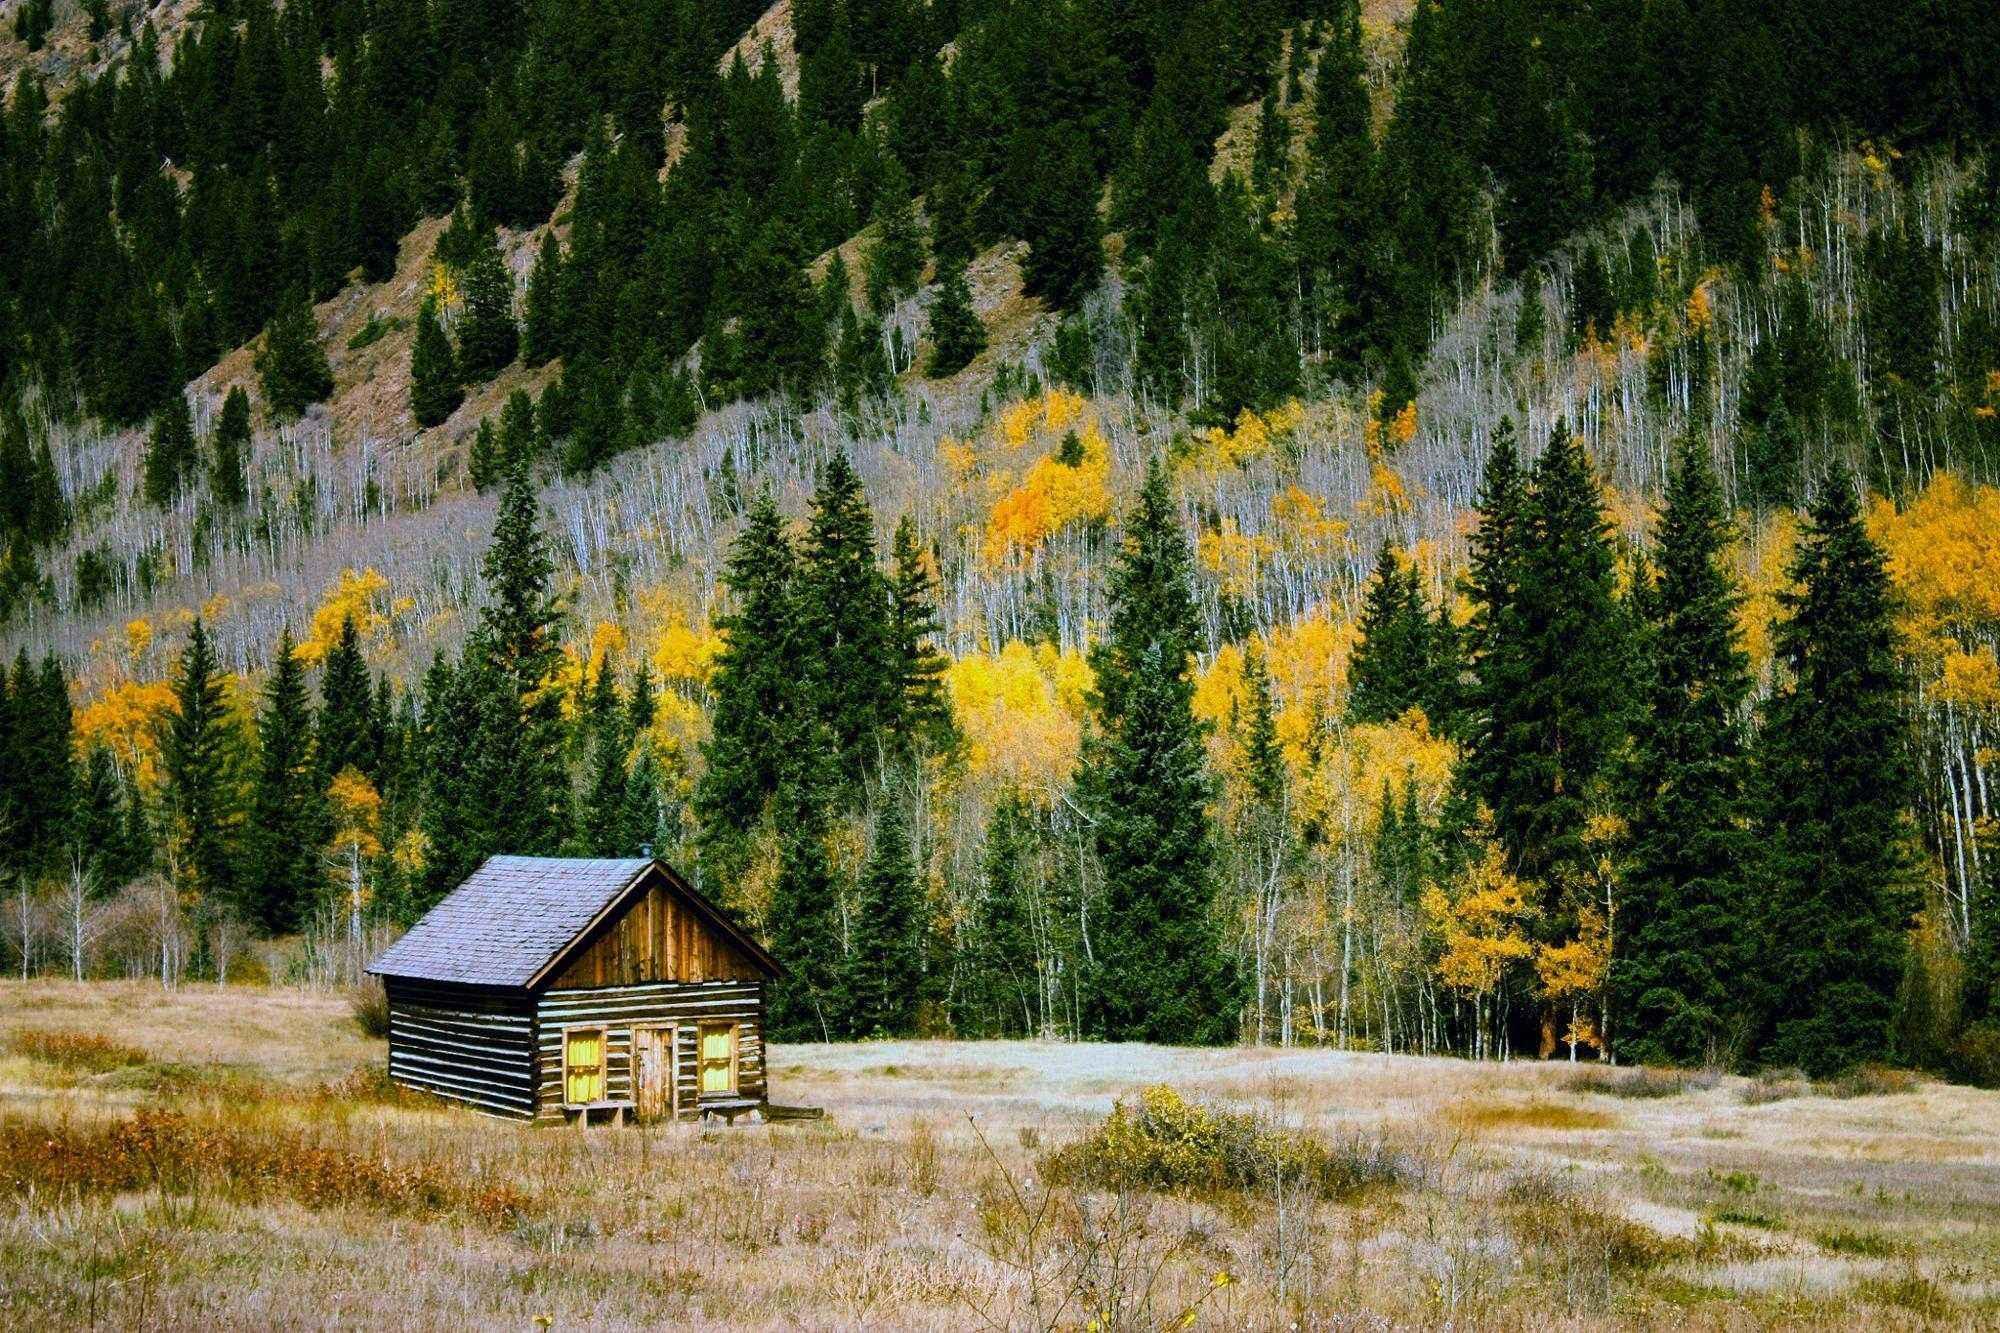 деревянный домик, осень, лес, опушка, пейзаж, природа